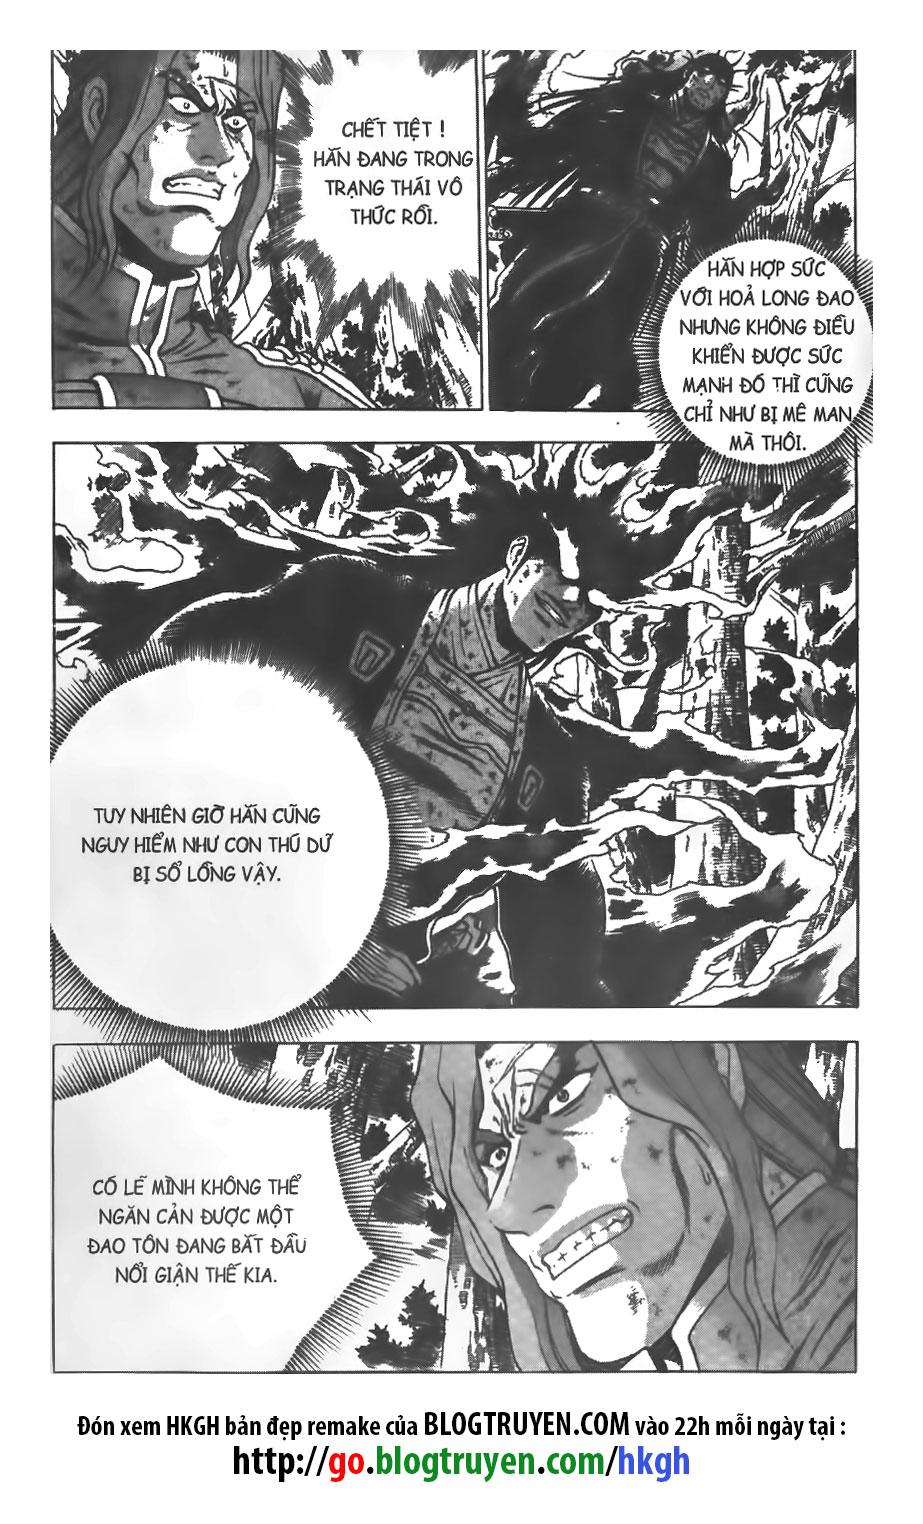 xem truyen moi - Hiệp Khách Giang Hồ Vol38 - Chap 261 - Remake